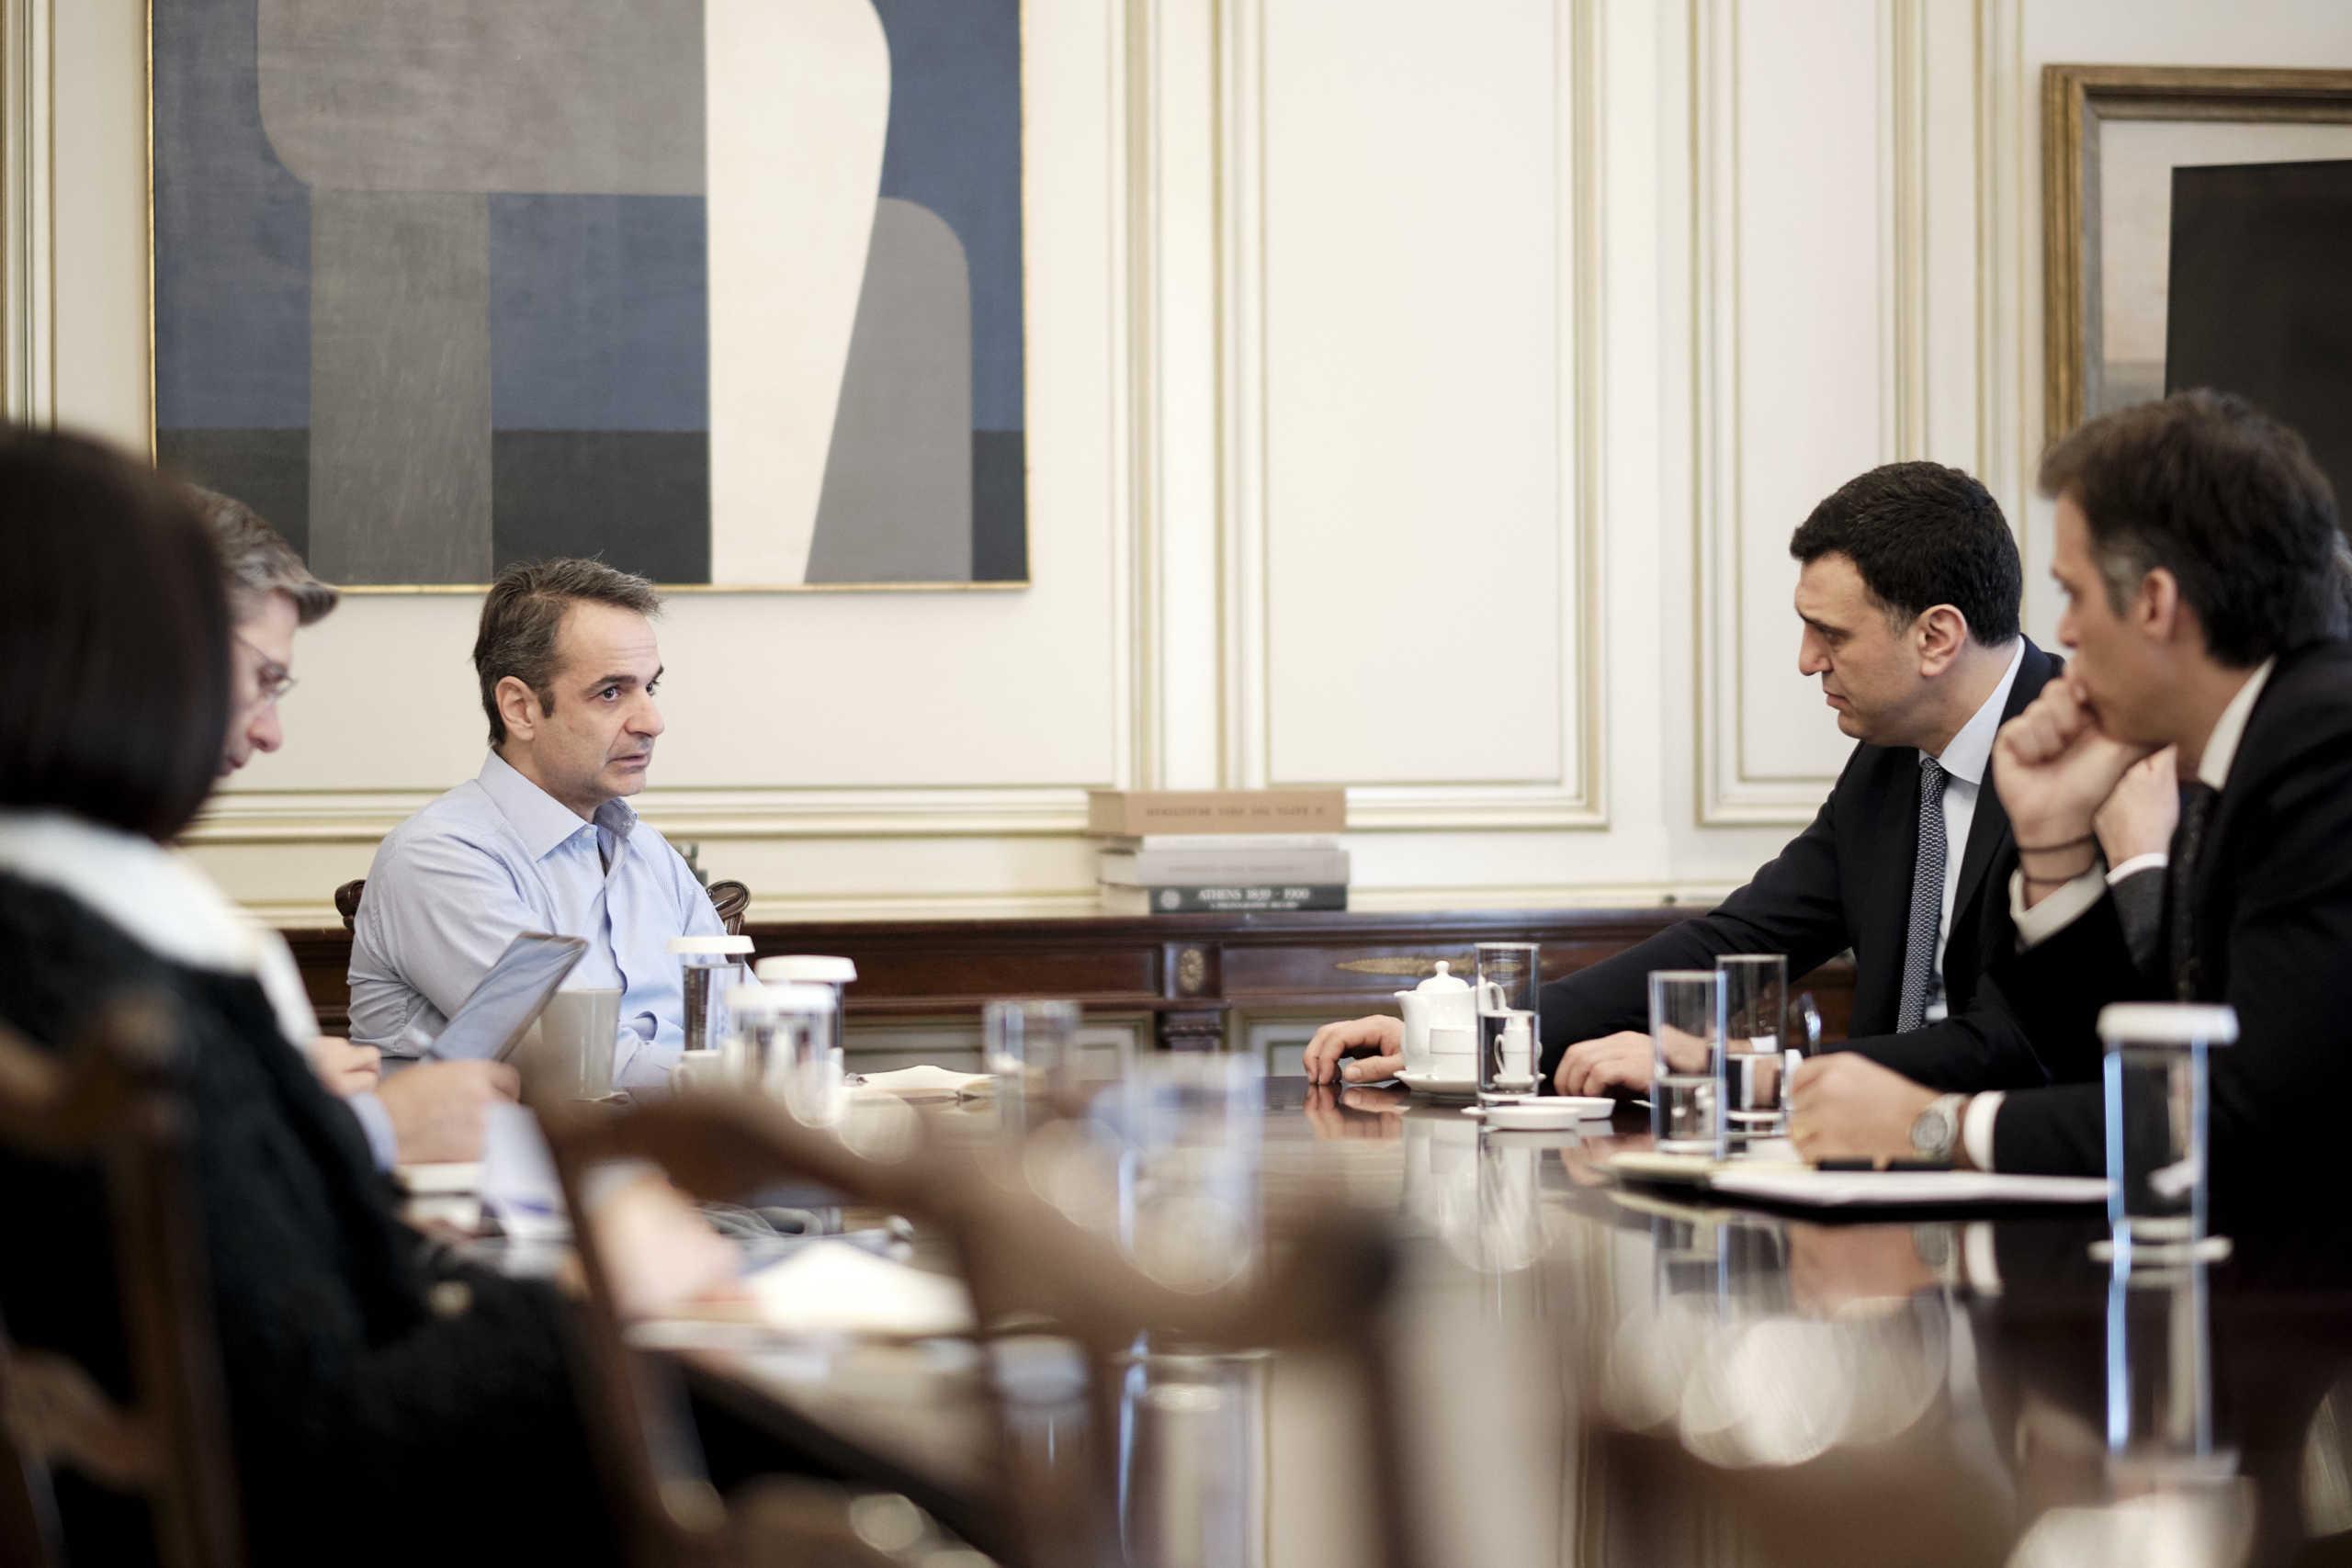 Νέα μέτρα ετοιμάζει η κυβέρνηση κατά του κορονοϊού – Έκτακτη σύσκεψη στο Μαξίμου